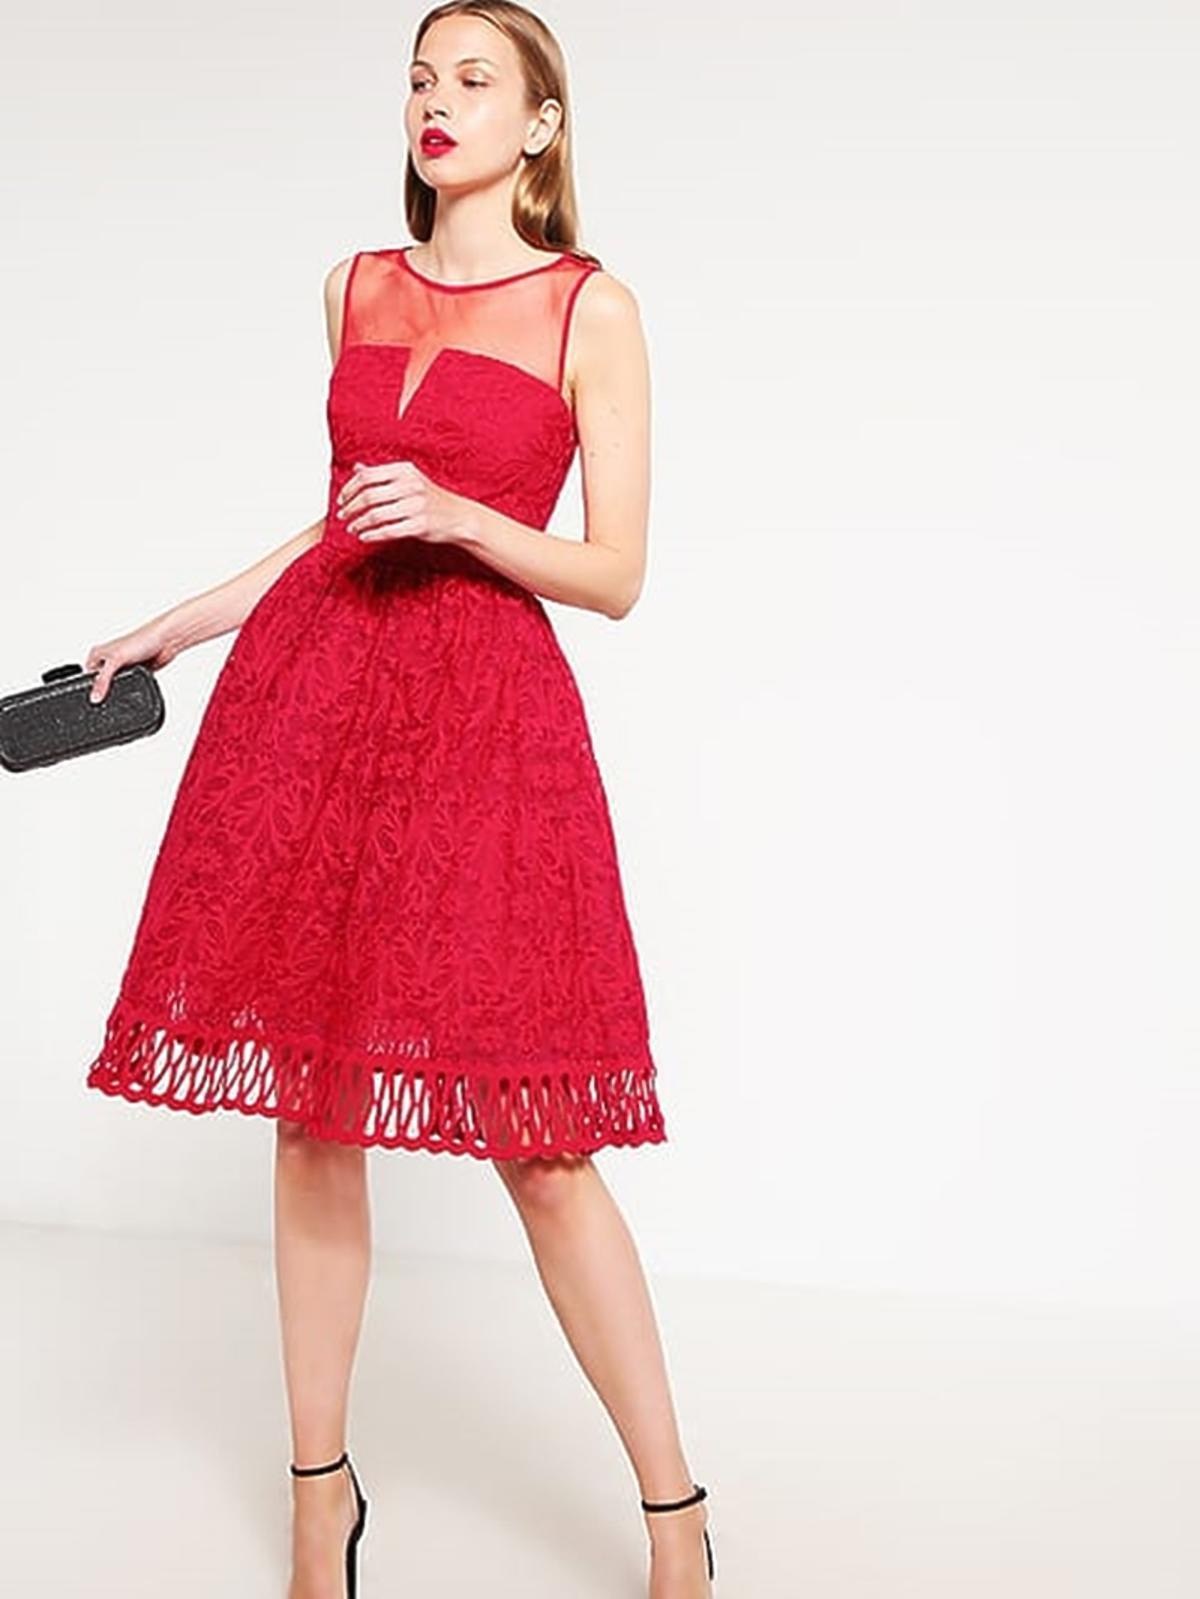 Czerwona sukienka, Chi Chi London (Zalando.pl), przeceniona z 379,00 zł na 189,50 zł